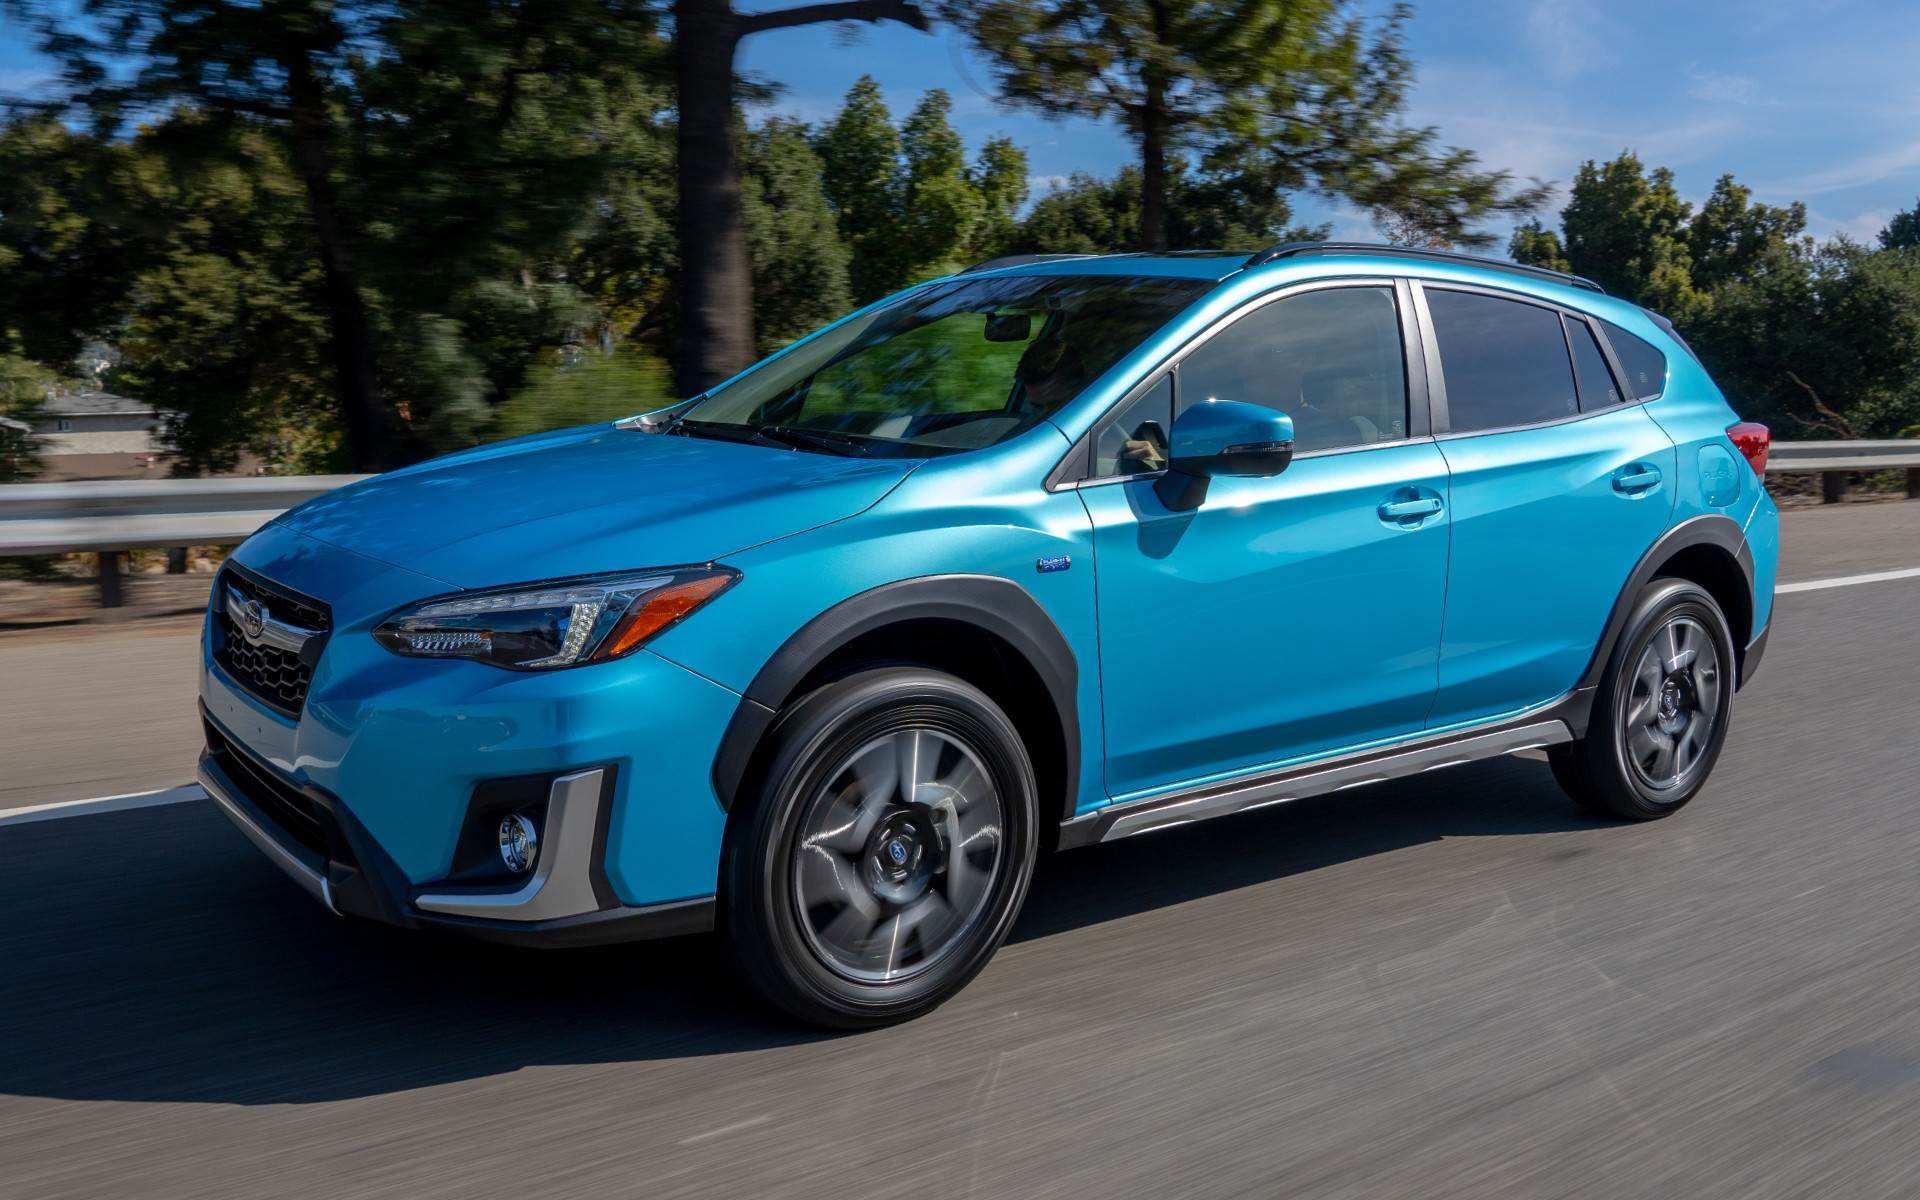 21 Concept of Subaru Phev 2020 Exterior with Subaru Phev 2020